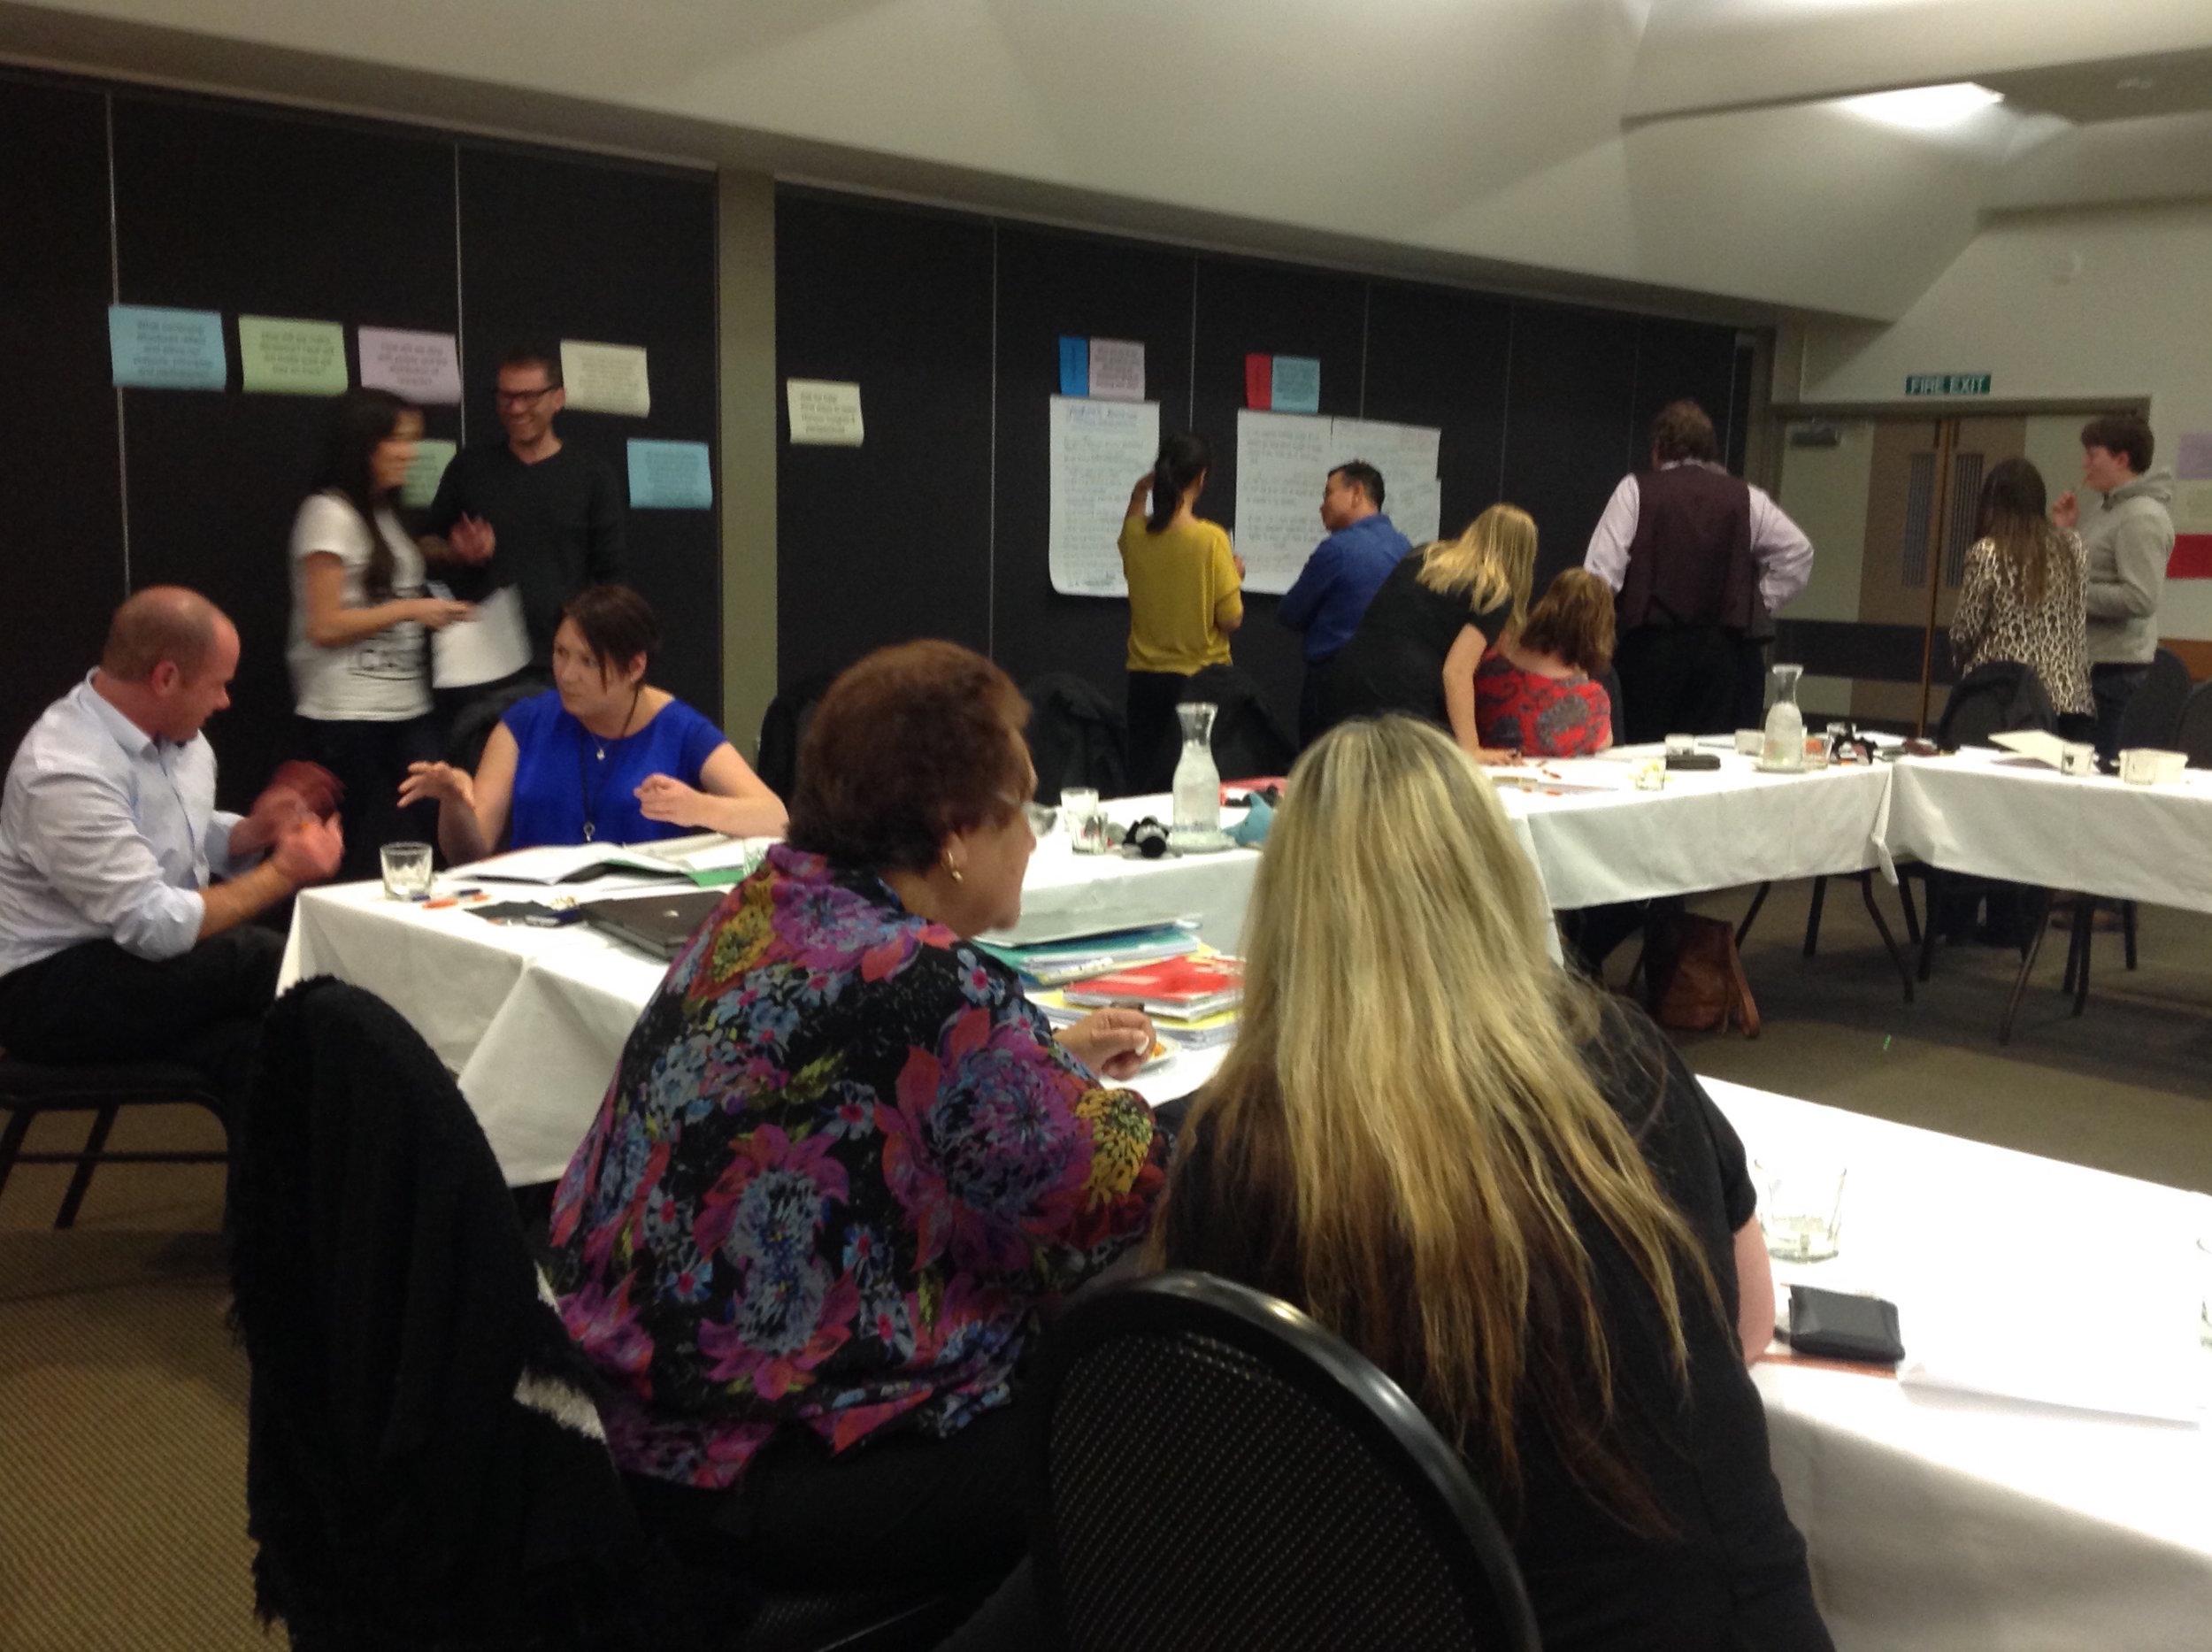 Facilitation of Key Board Processes & Meetings